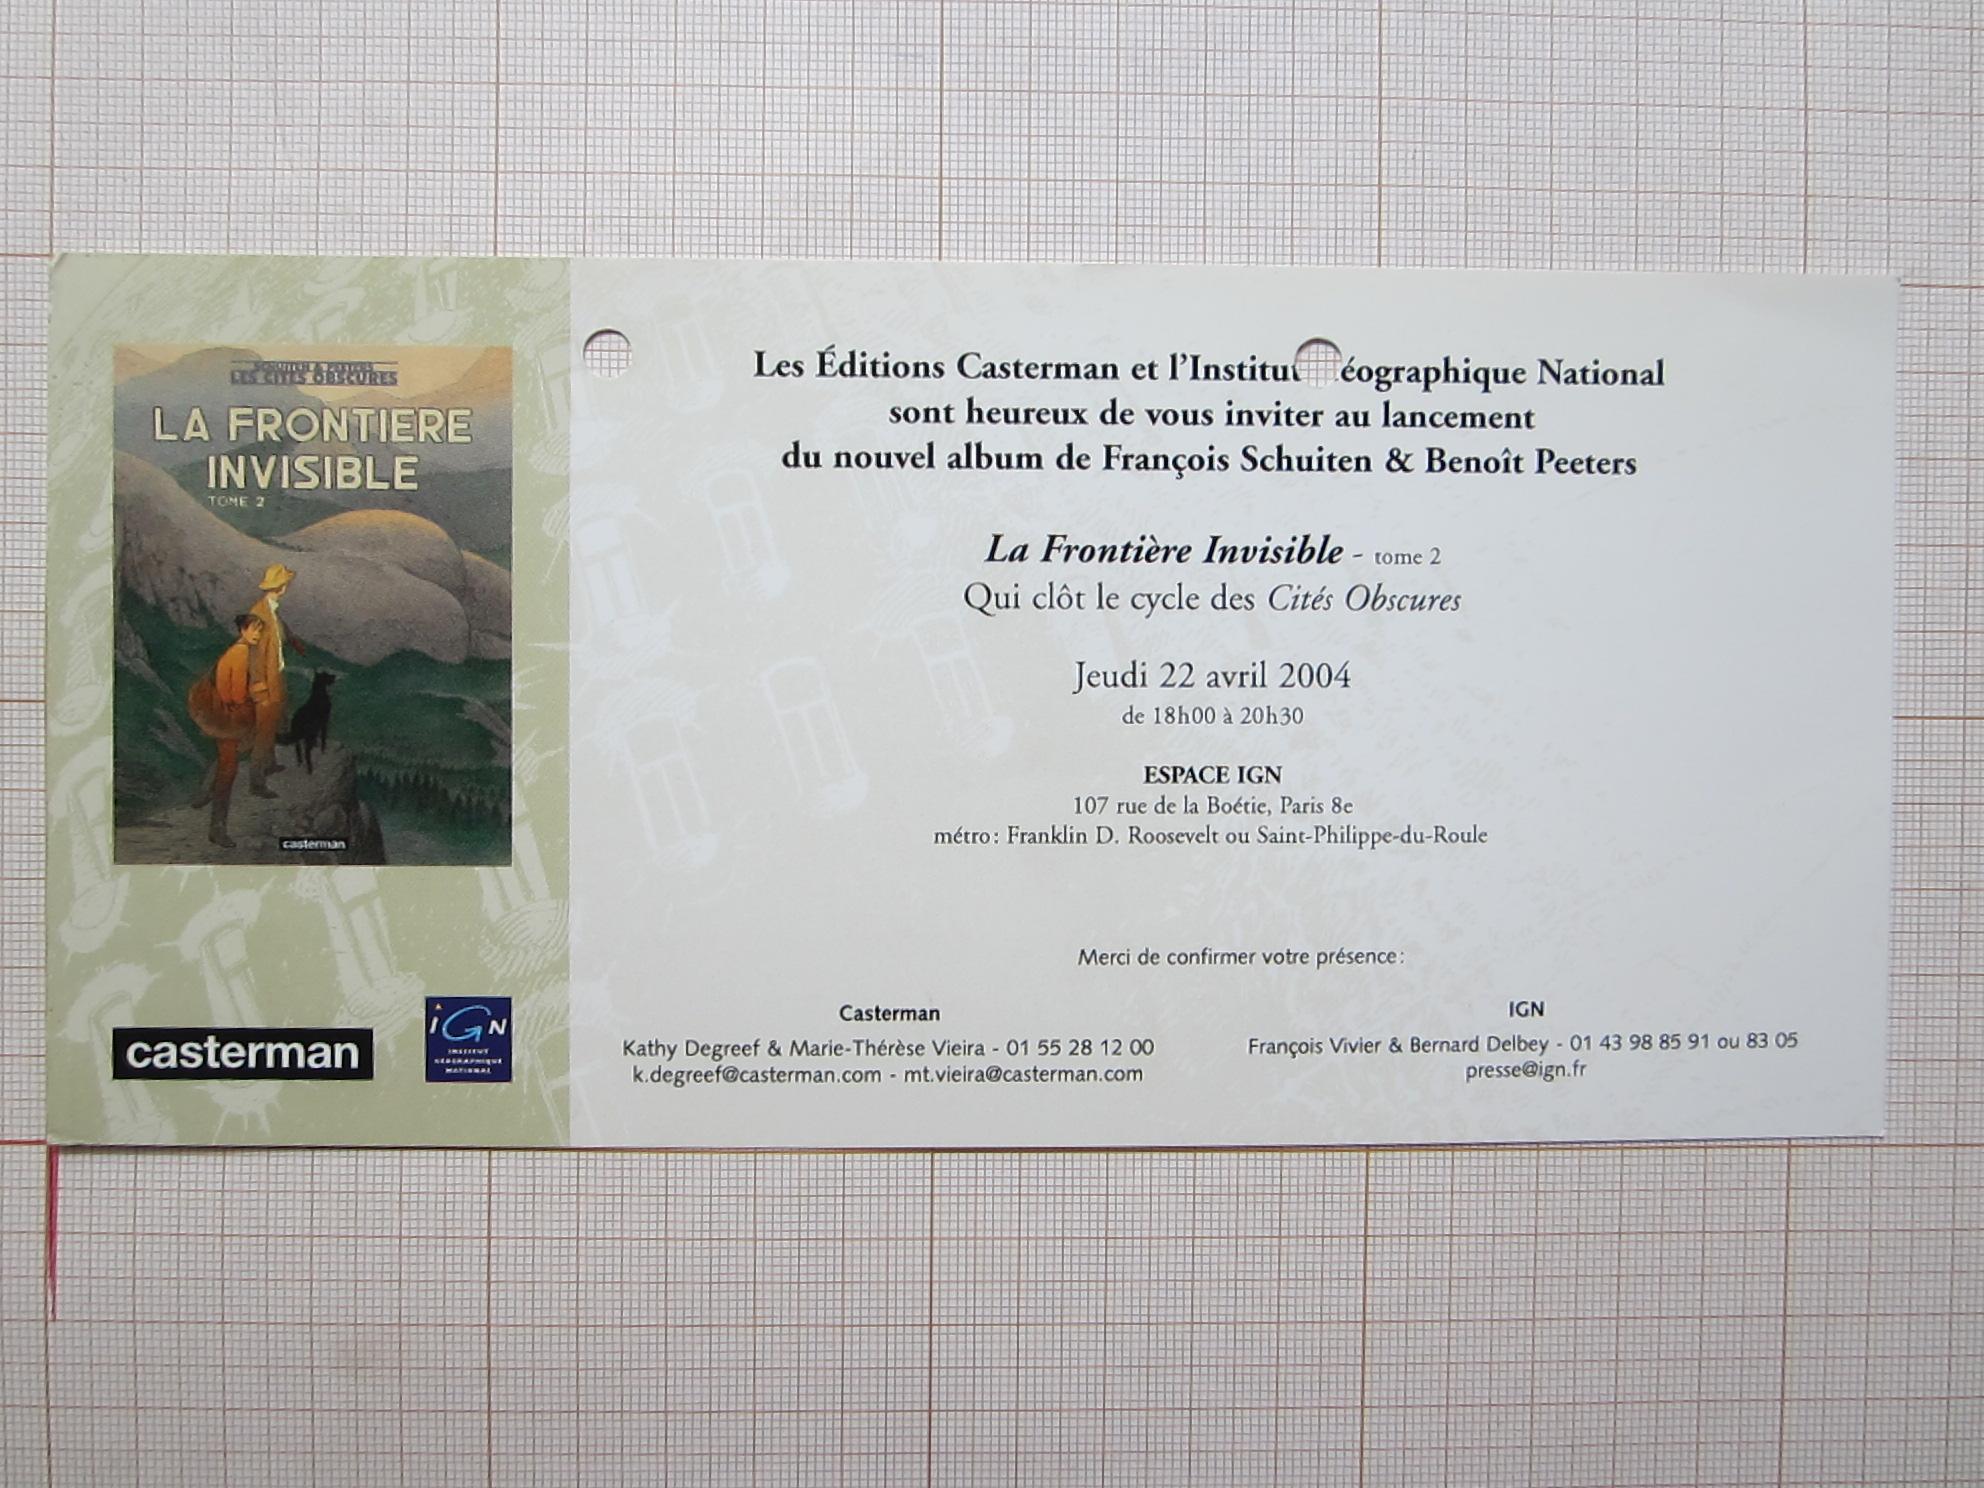 """Invitation lancement """"La Frontière Invisible - Tome 2""""© François Schuiten / Casterman / Institut Géographique National, 2004"""